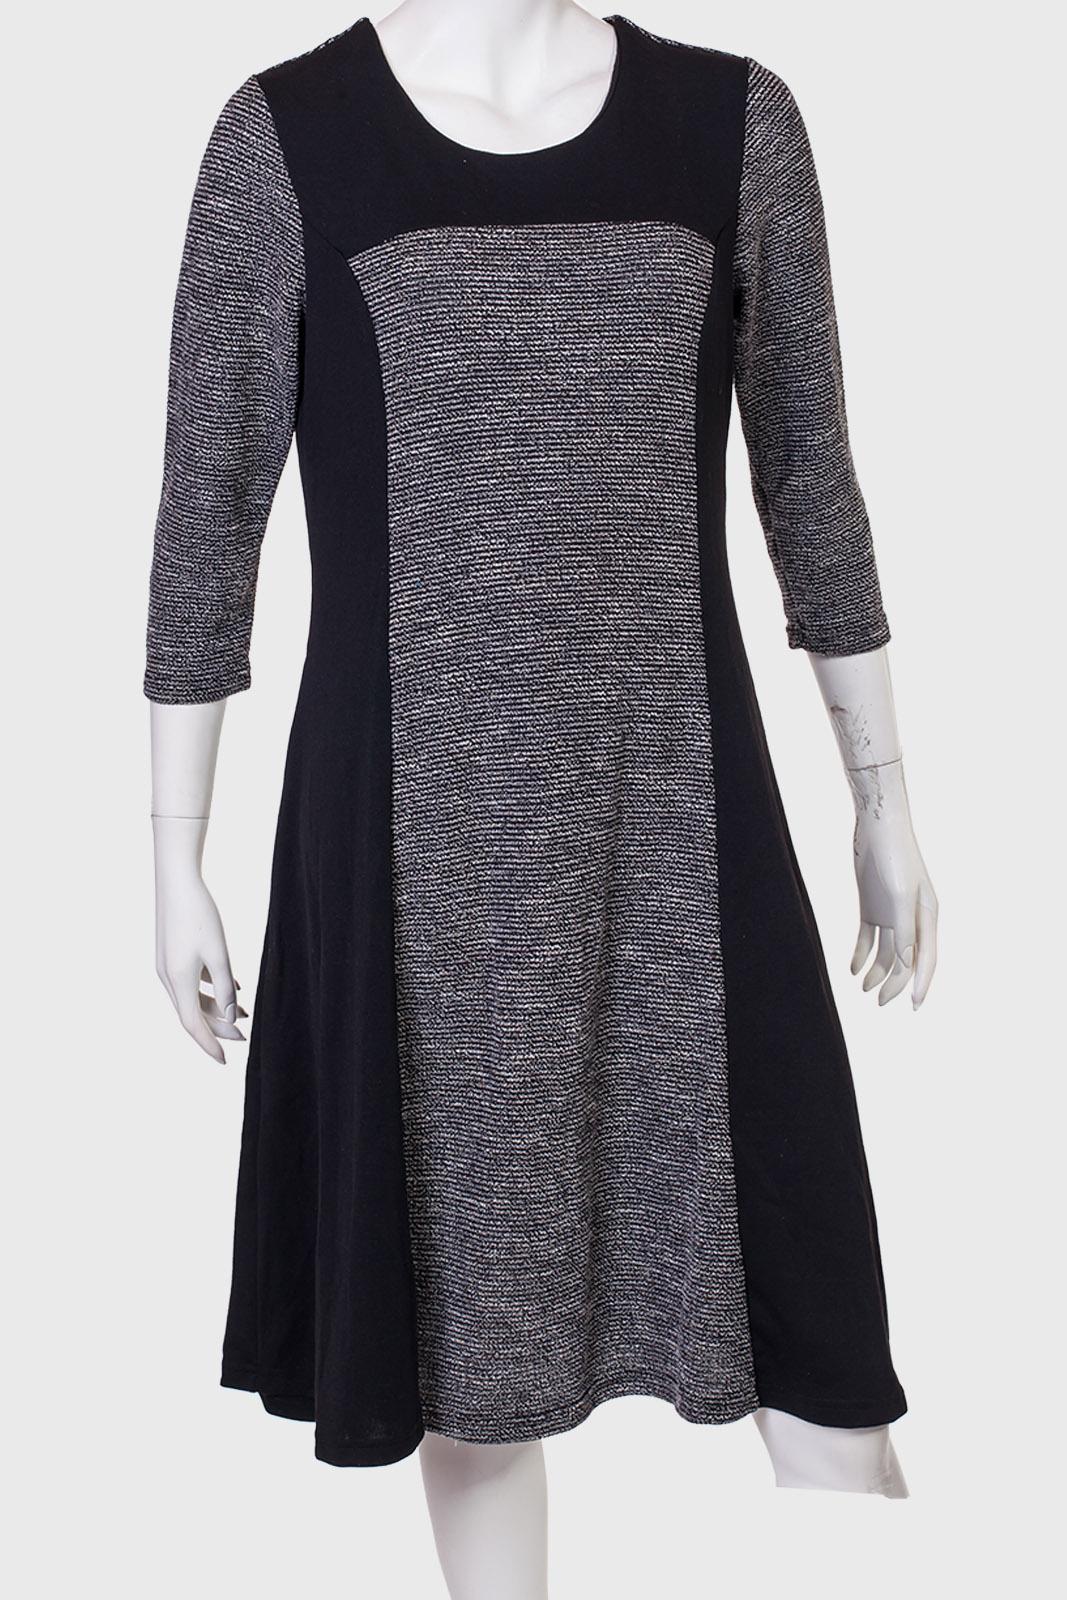 Купить черное платье с серыми вставками от бренда Marie Claire